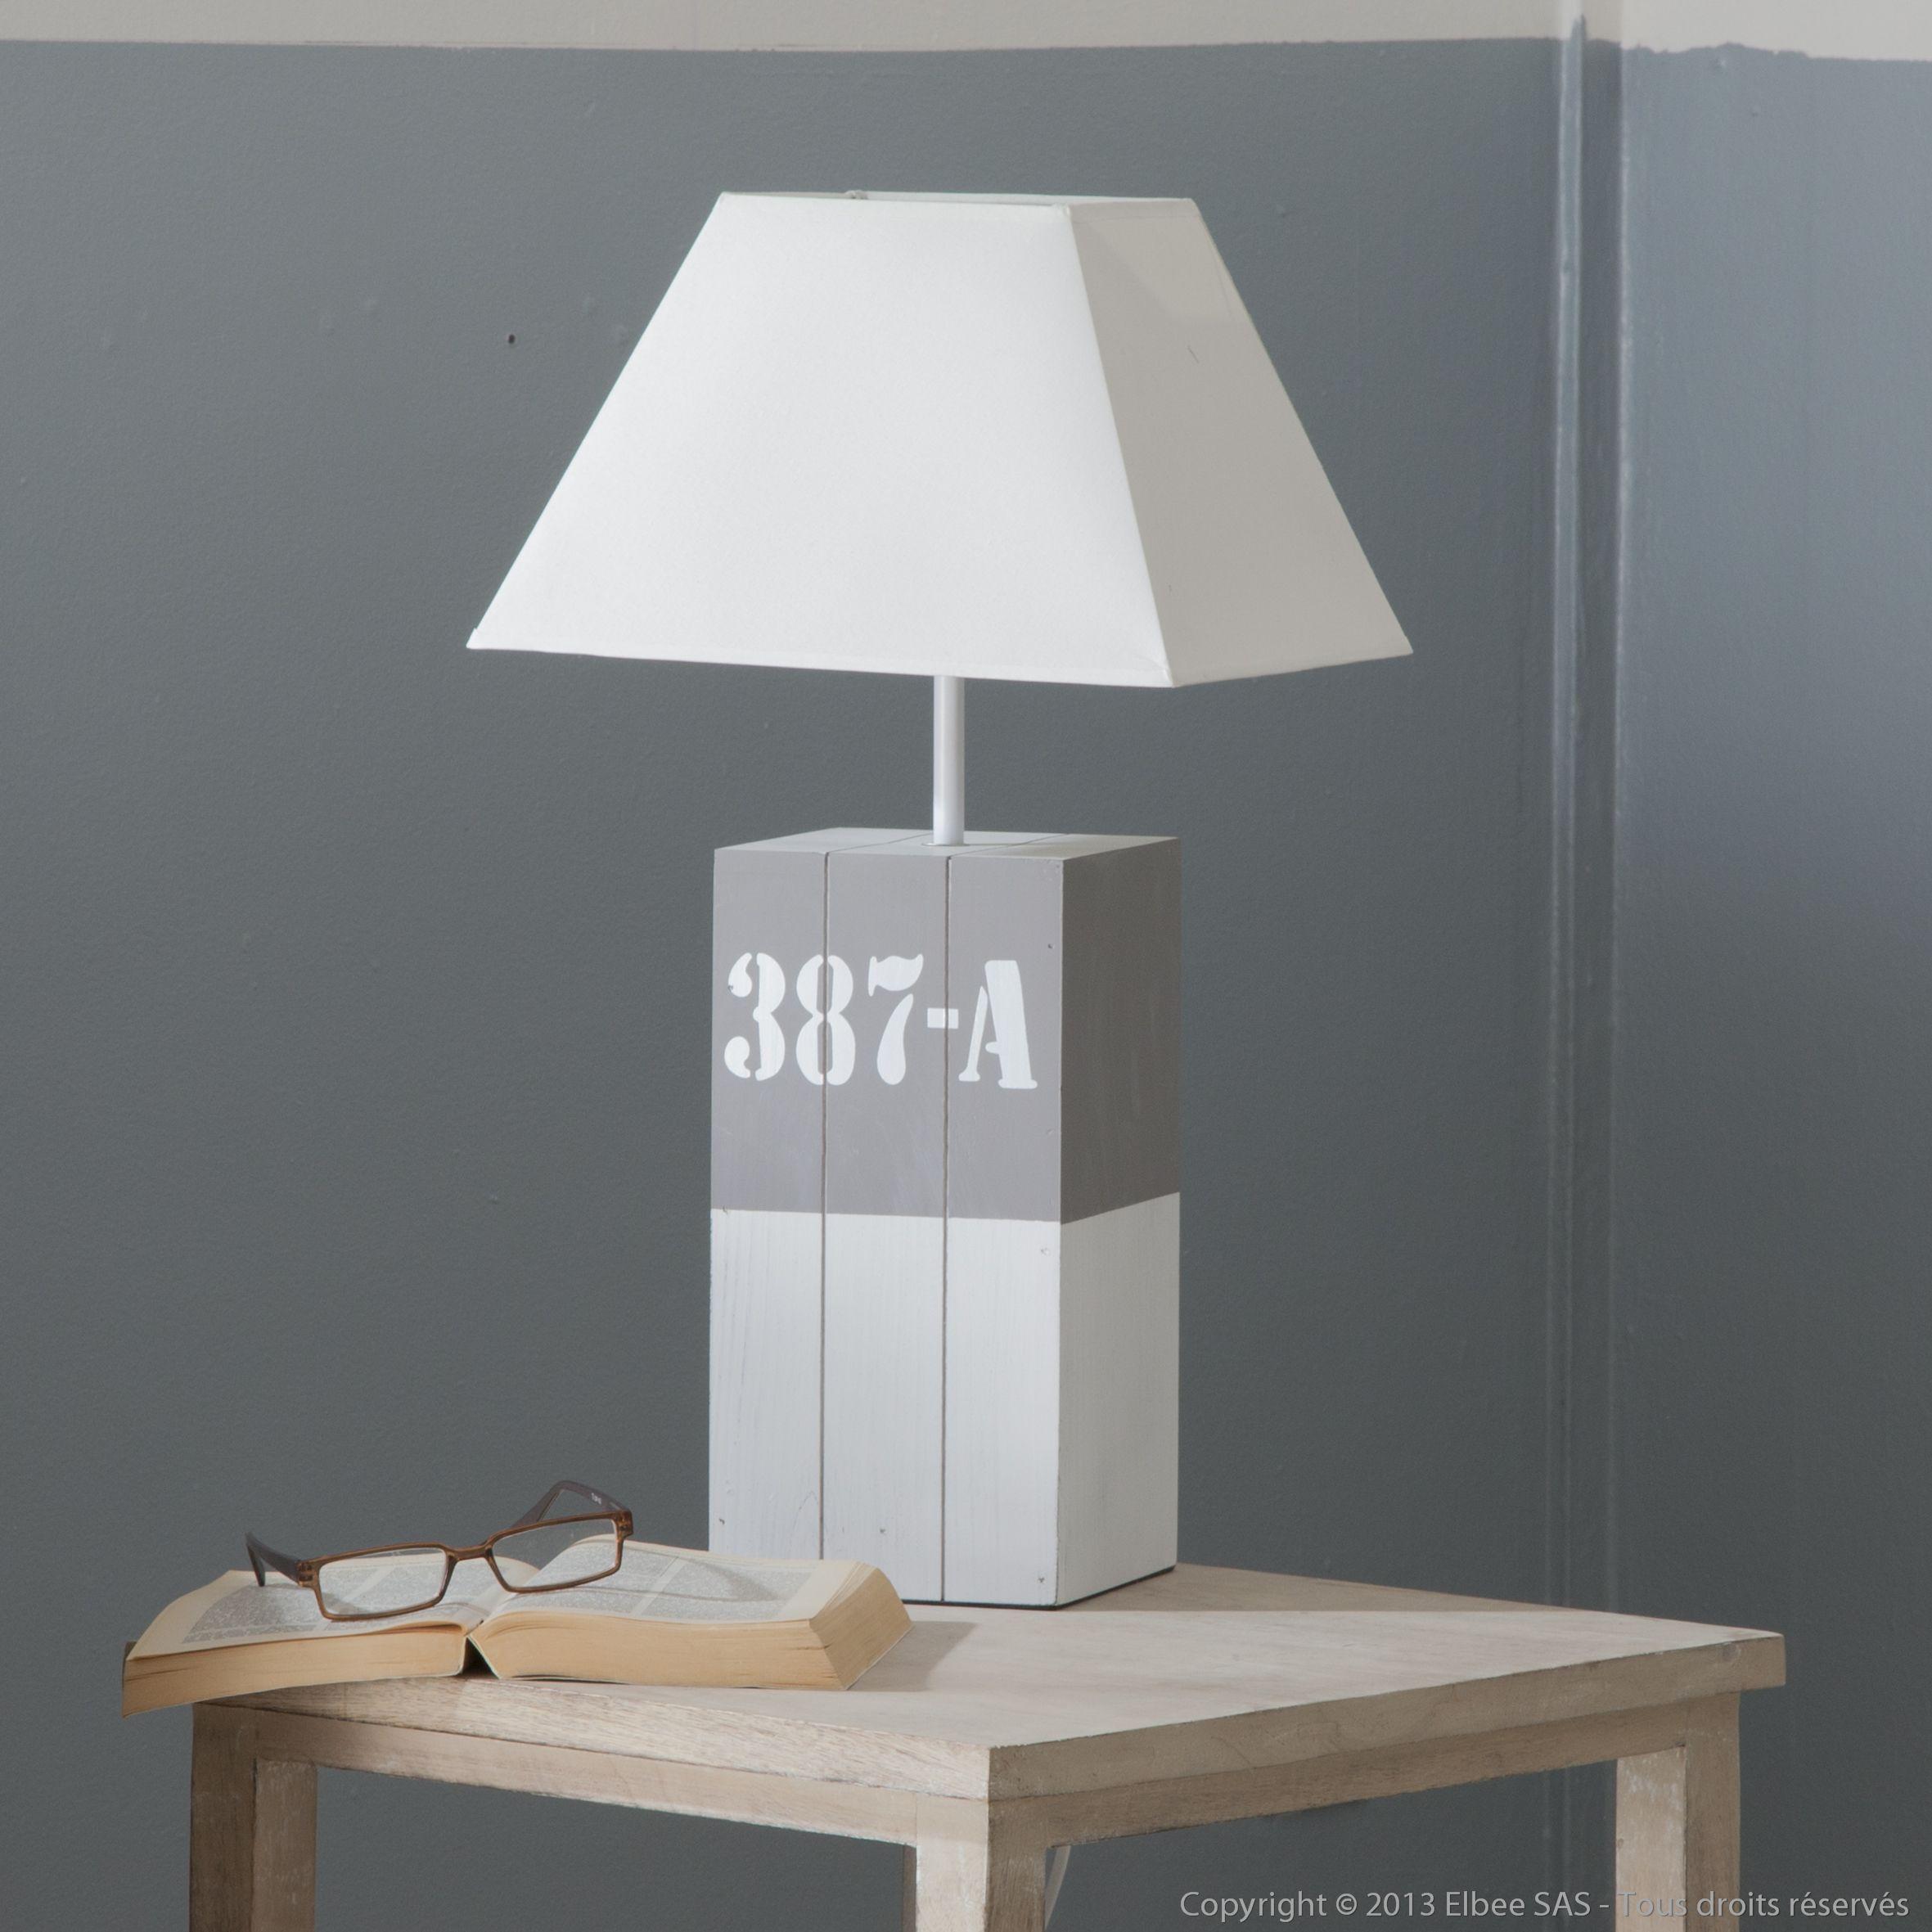 Et Lampe Maison Idée Luminaire De Chevet Plage 6bgyI7Yfv